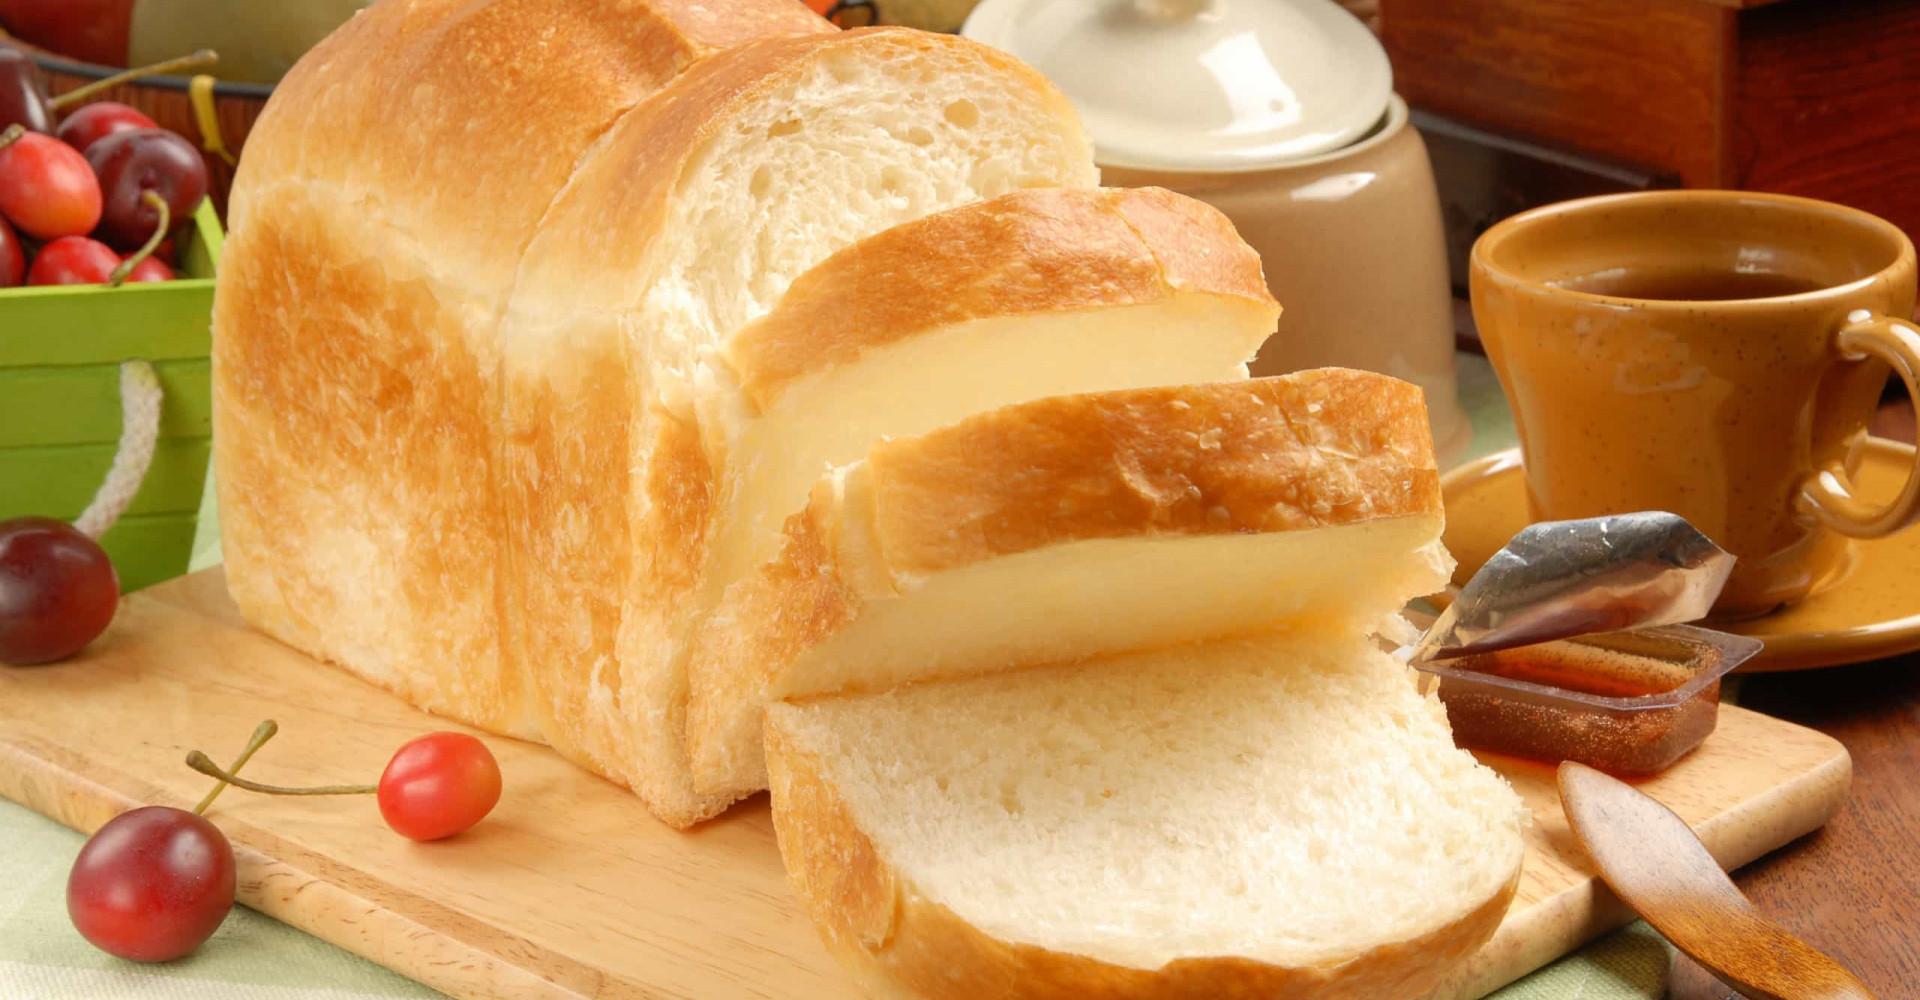 Será que comer pão engorda?